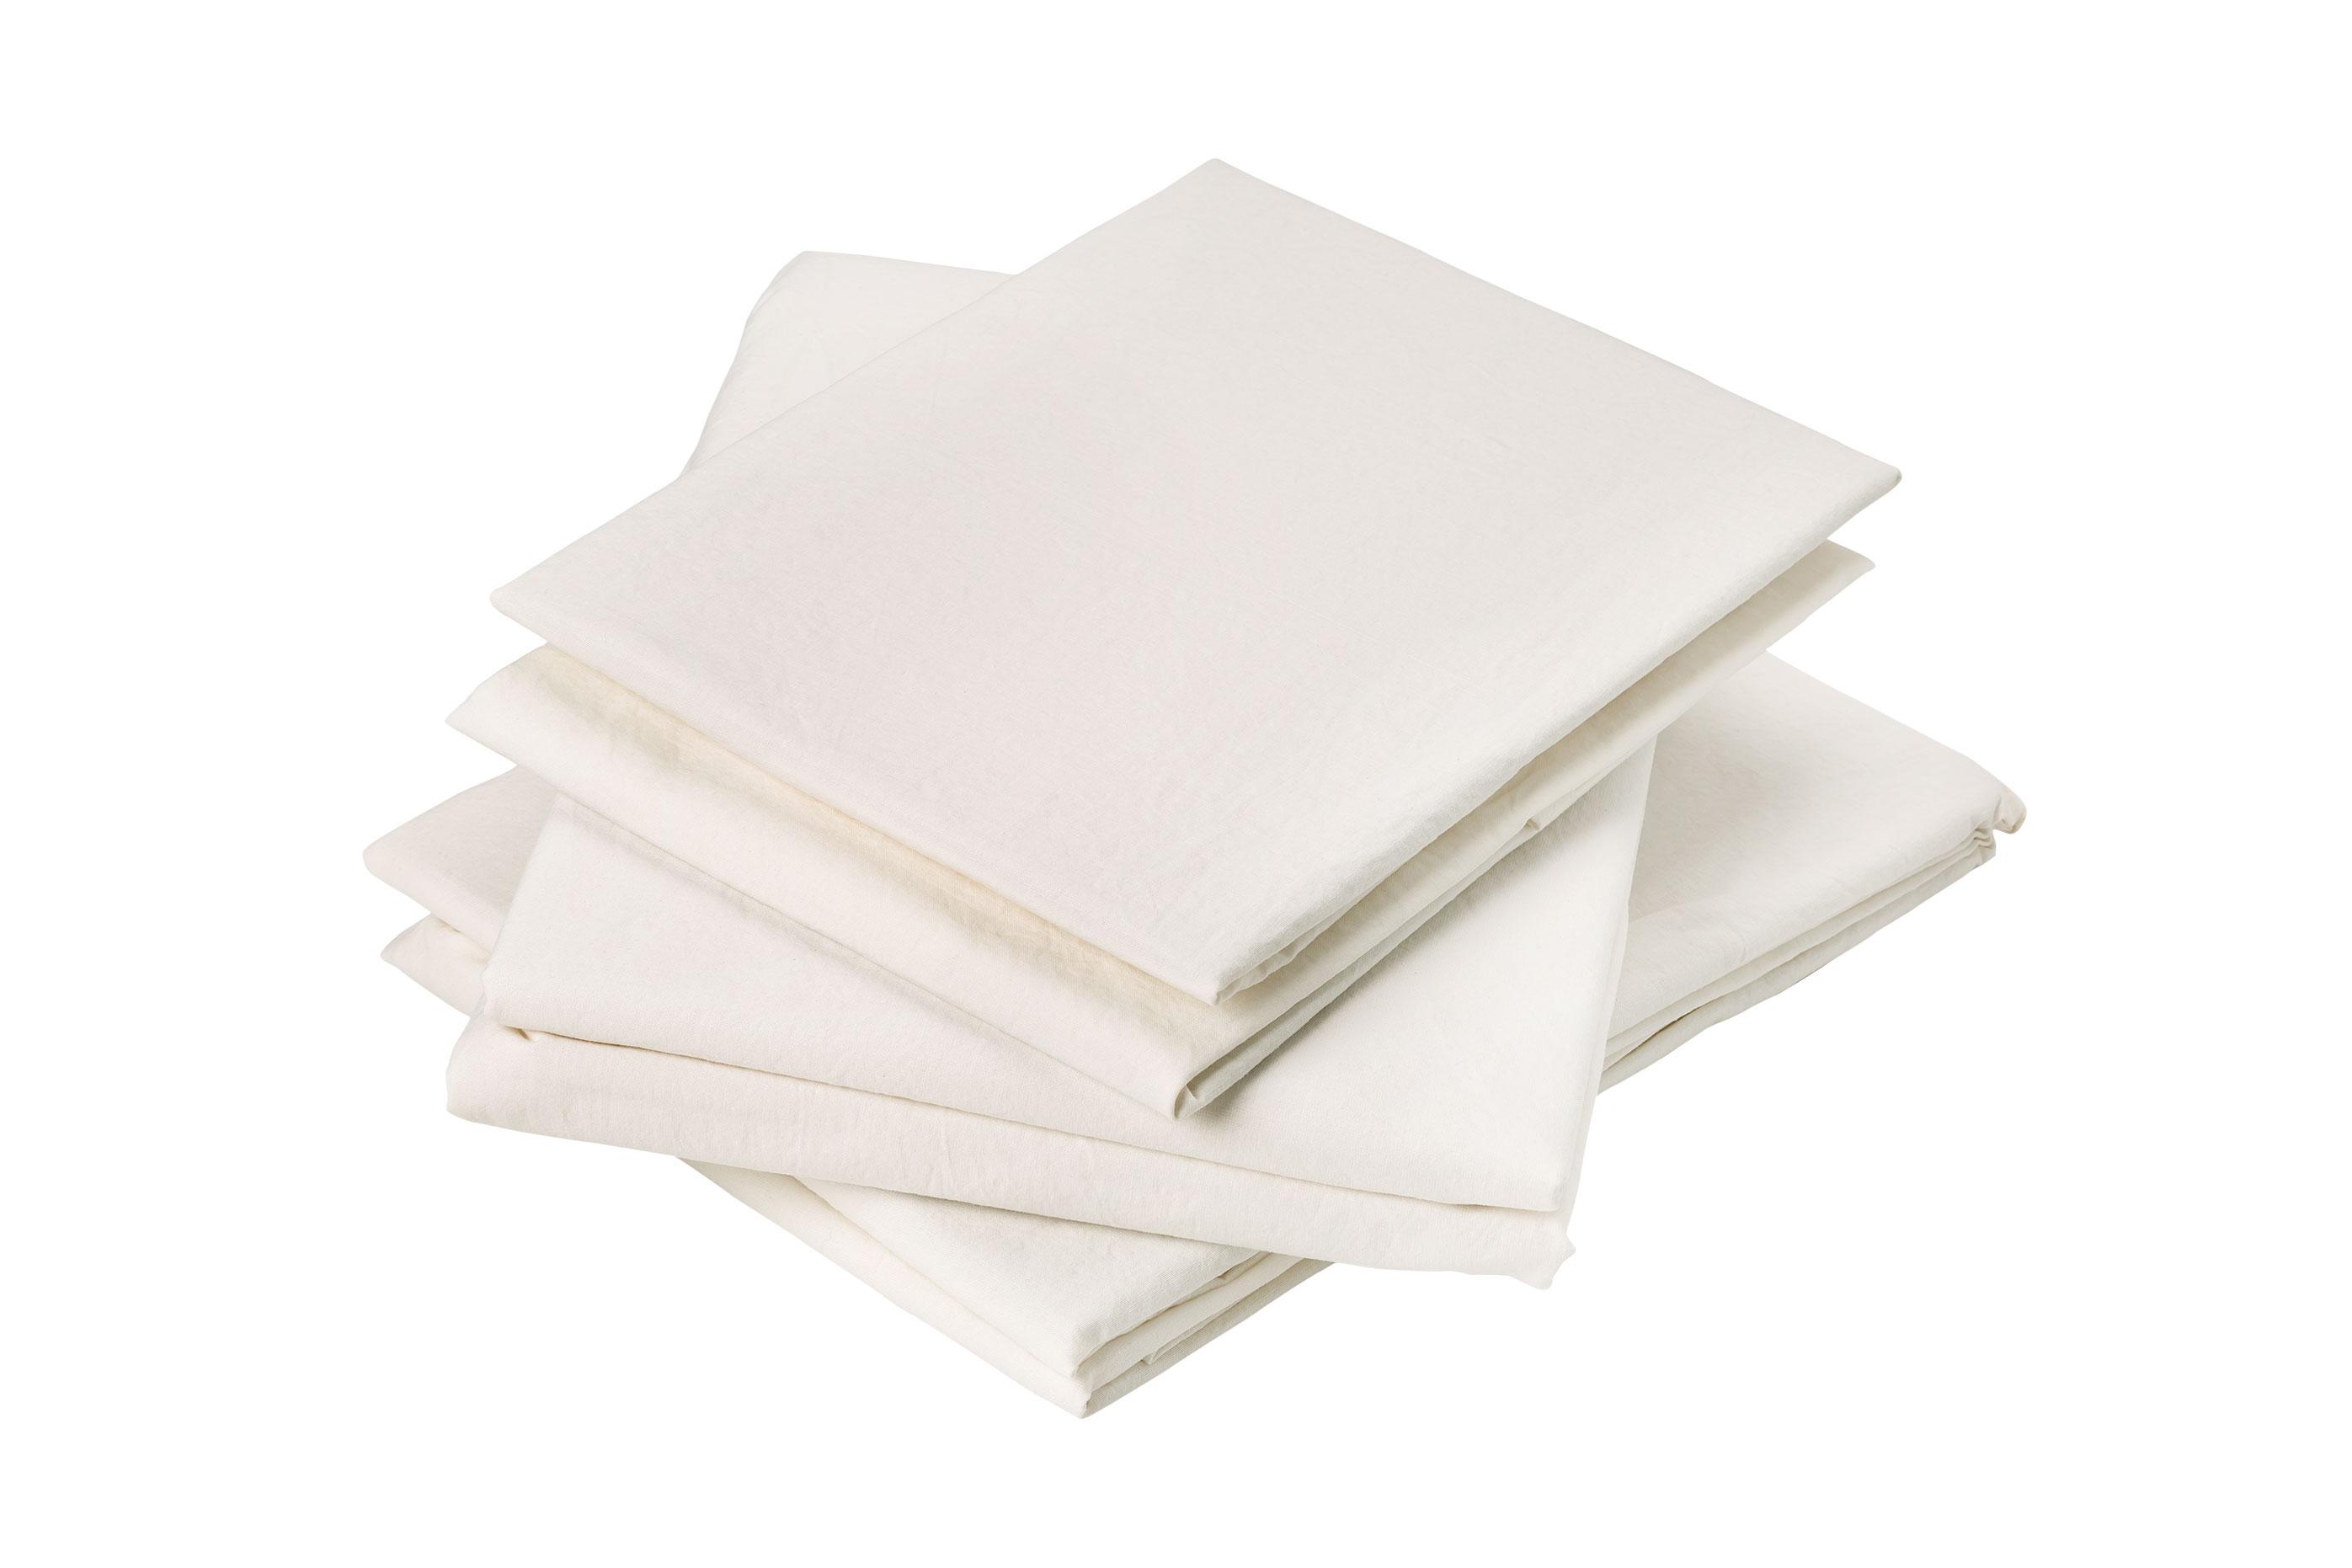 Drap plat en coton lavé coton craie 290x180